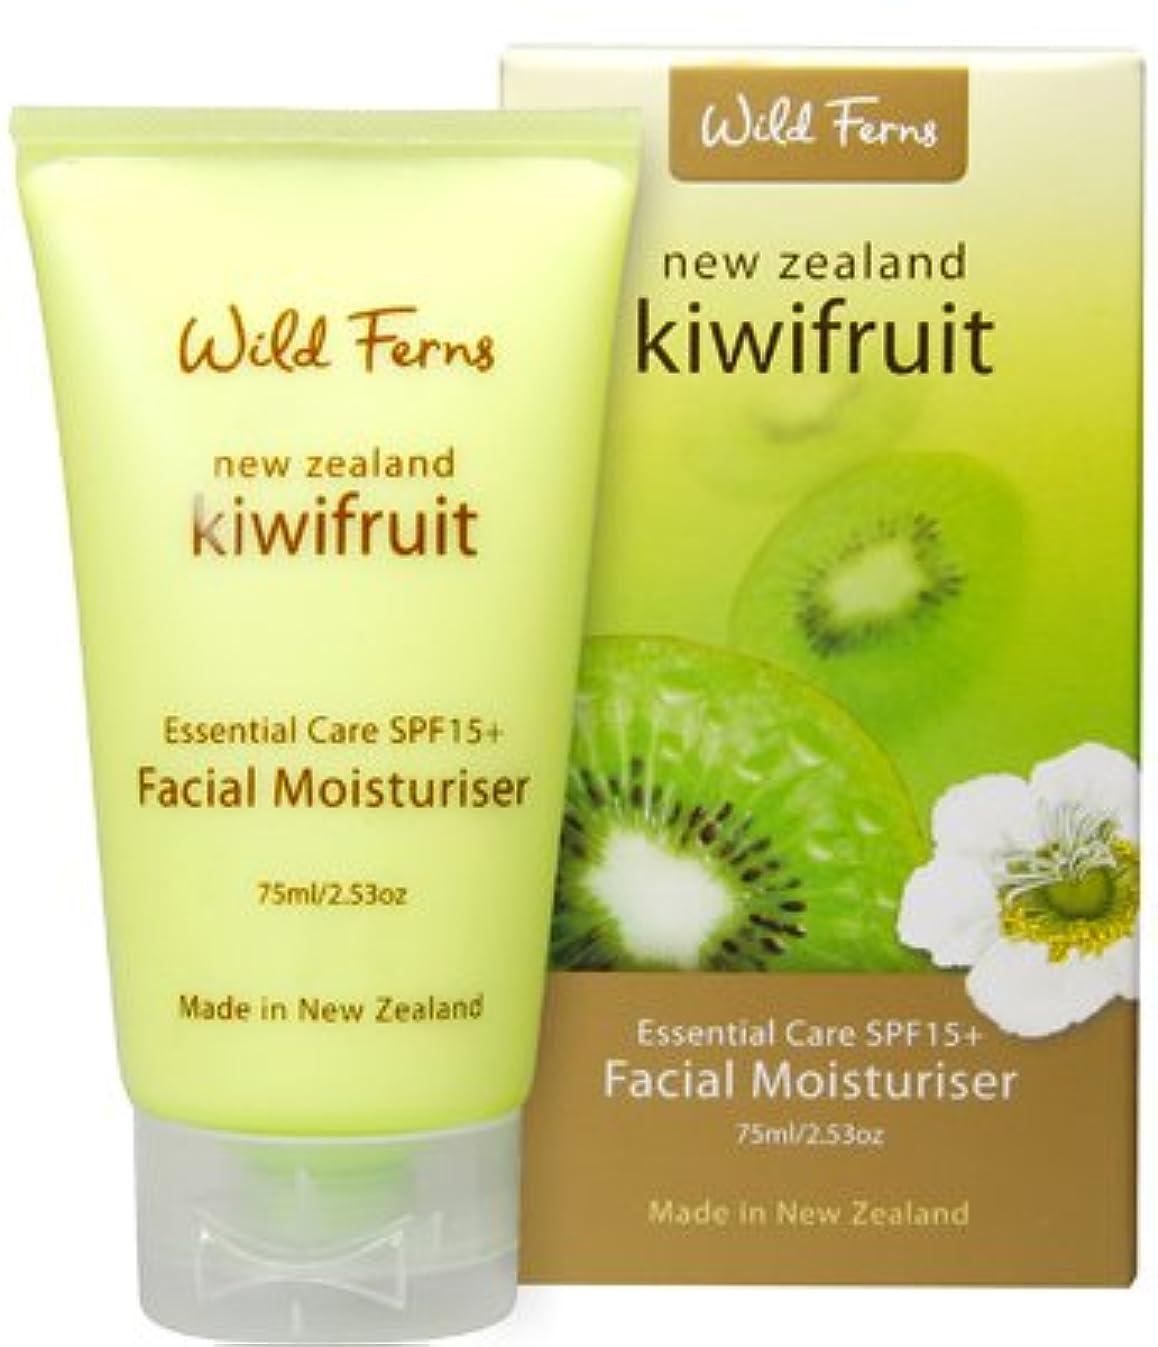 雨の摂氏度苦難キーウィフルーツ エッセンシャルケアSPF15+ フェイシャル保湿剤 (ニュージーランド限定品)